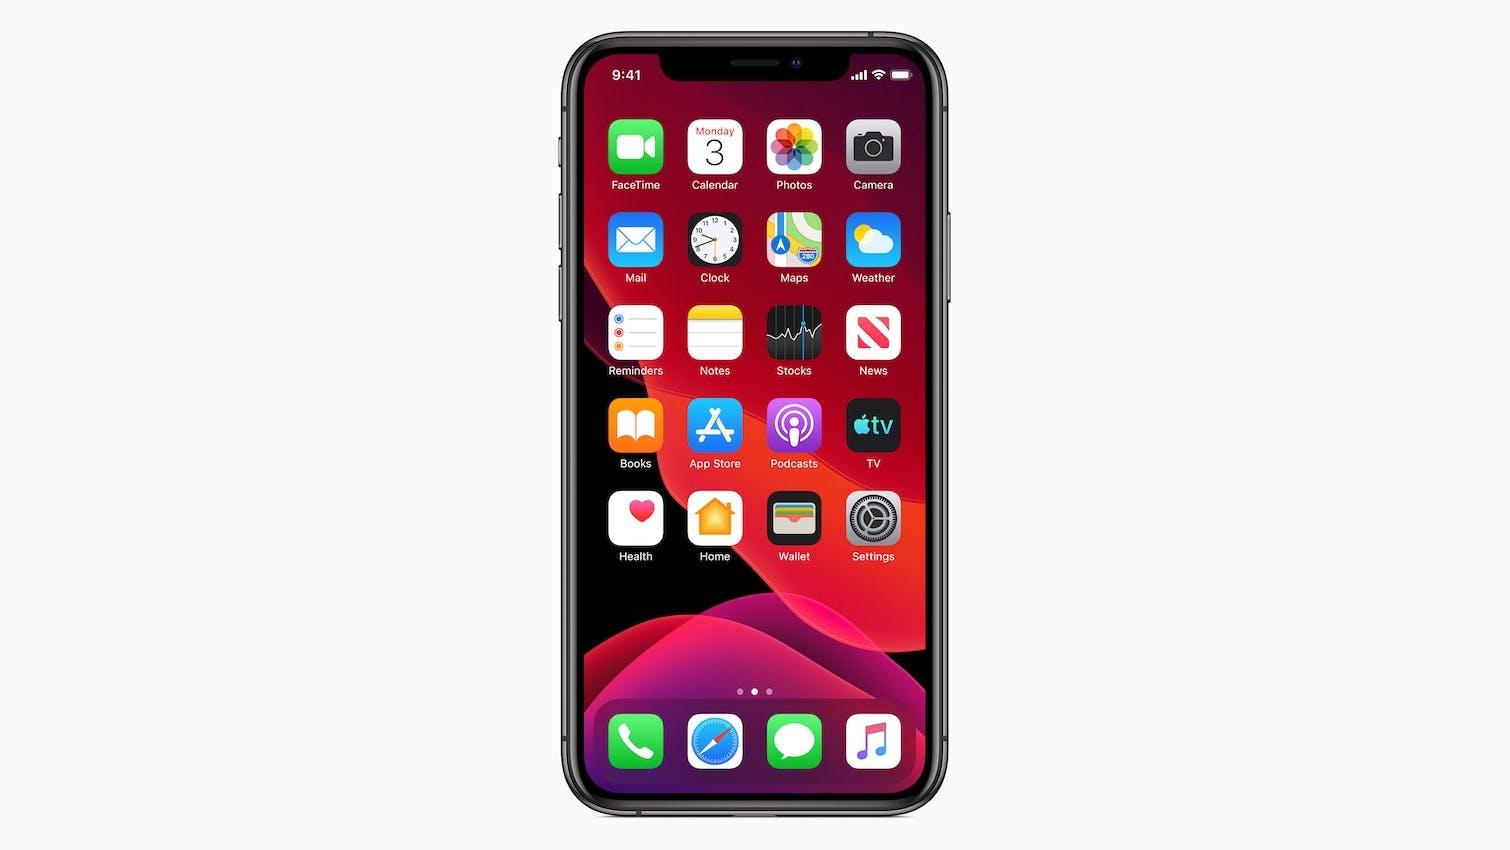 Diese App verrät, ob das iPhone gehackt wurde